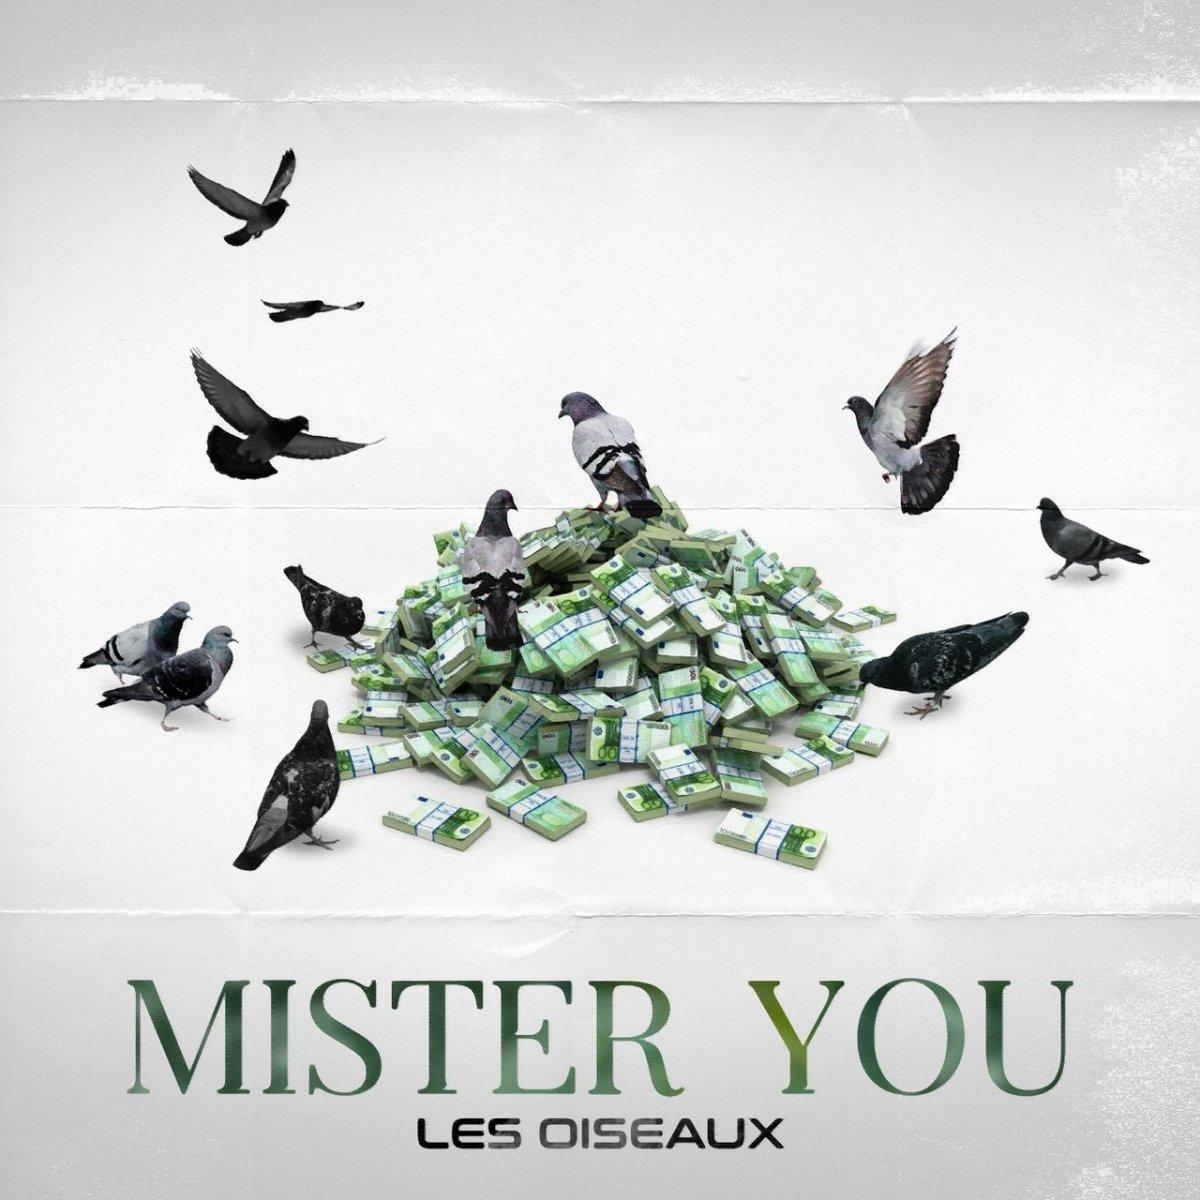 Mister You - Les Oiseaux (Cover)